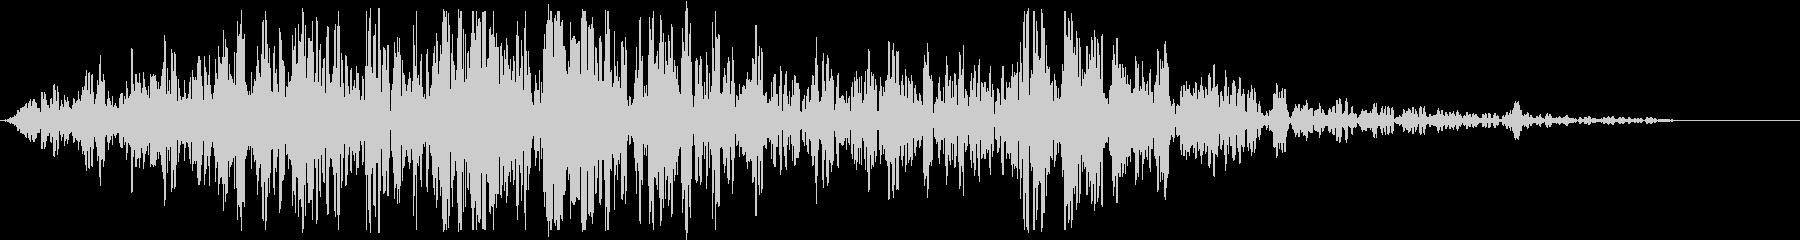 タイトルロゴに合うサウンドの未再生の波形